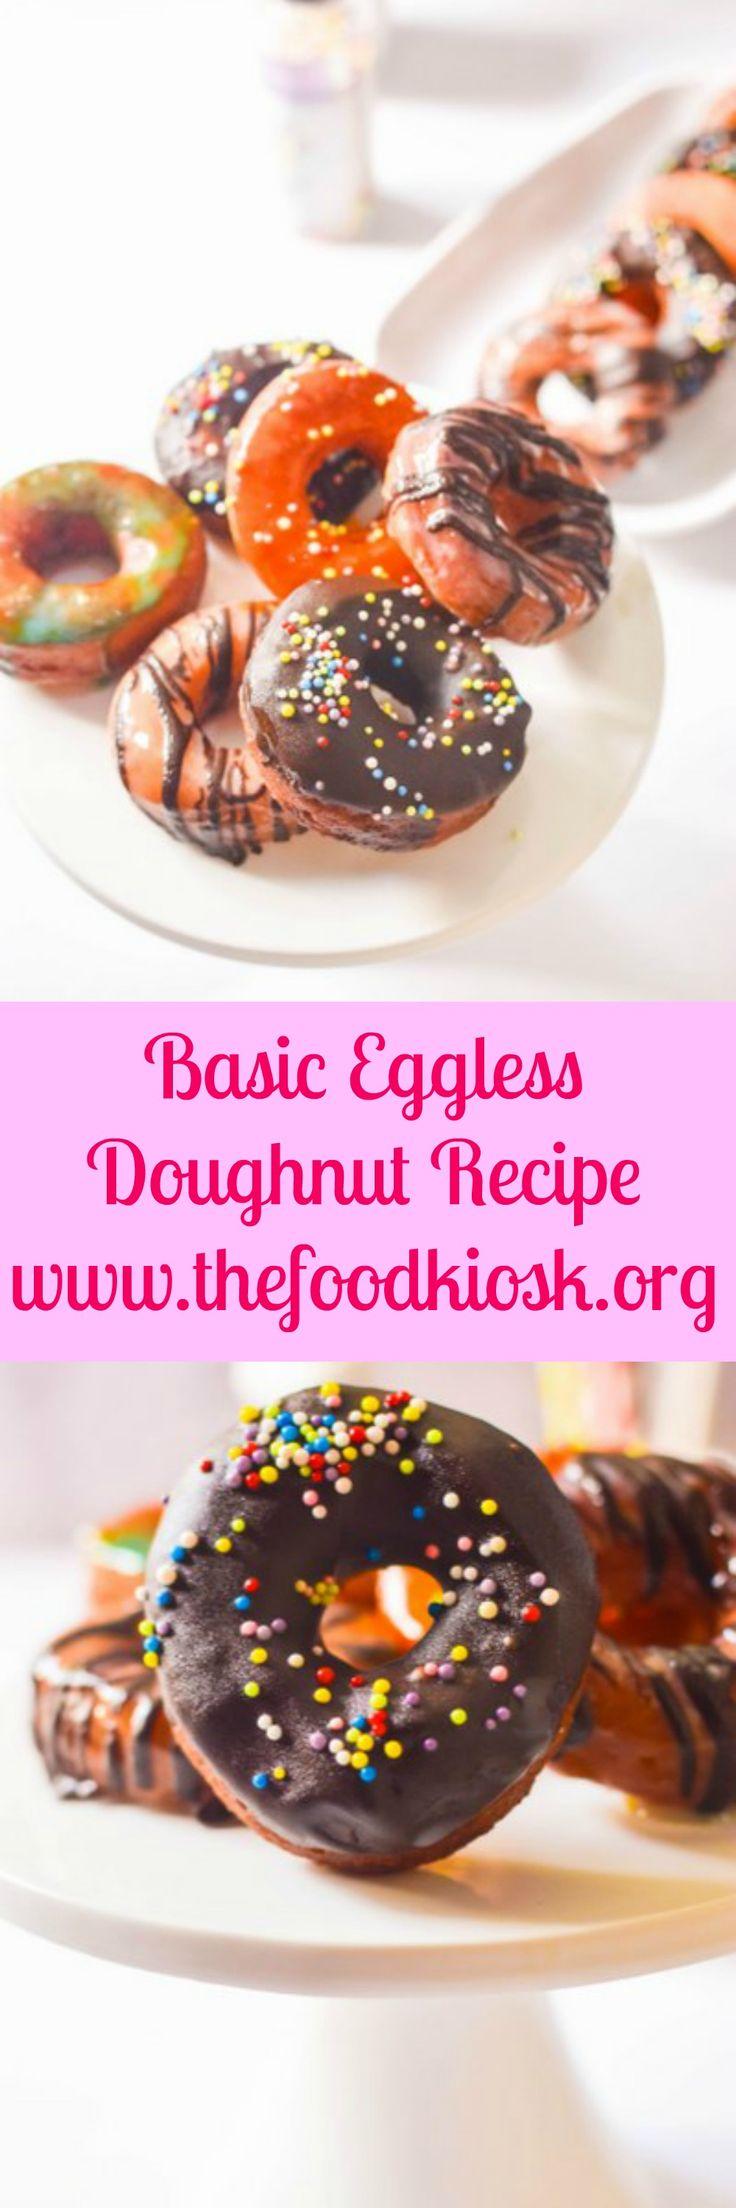 Basic Eggless Doughnut